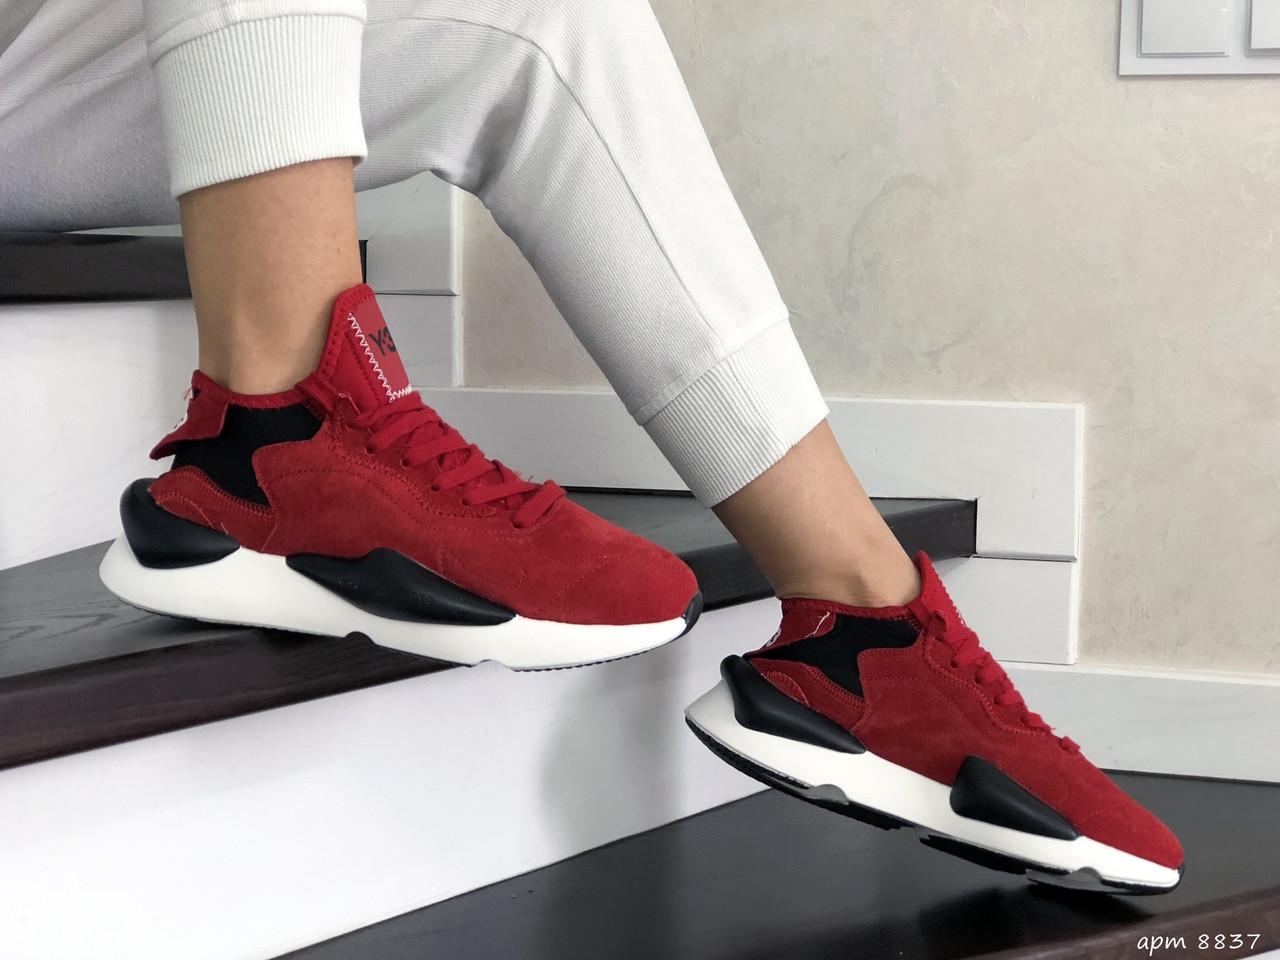 Женские кроссовки Adidas Y-3 Kaiwa (красные) 8837